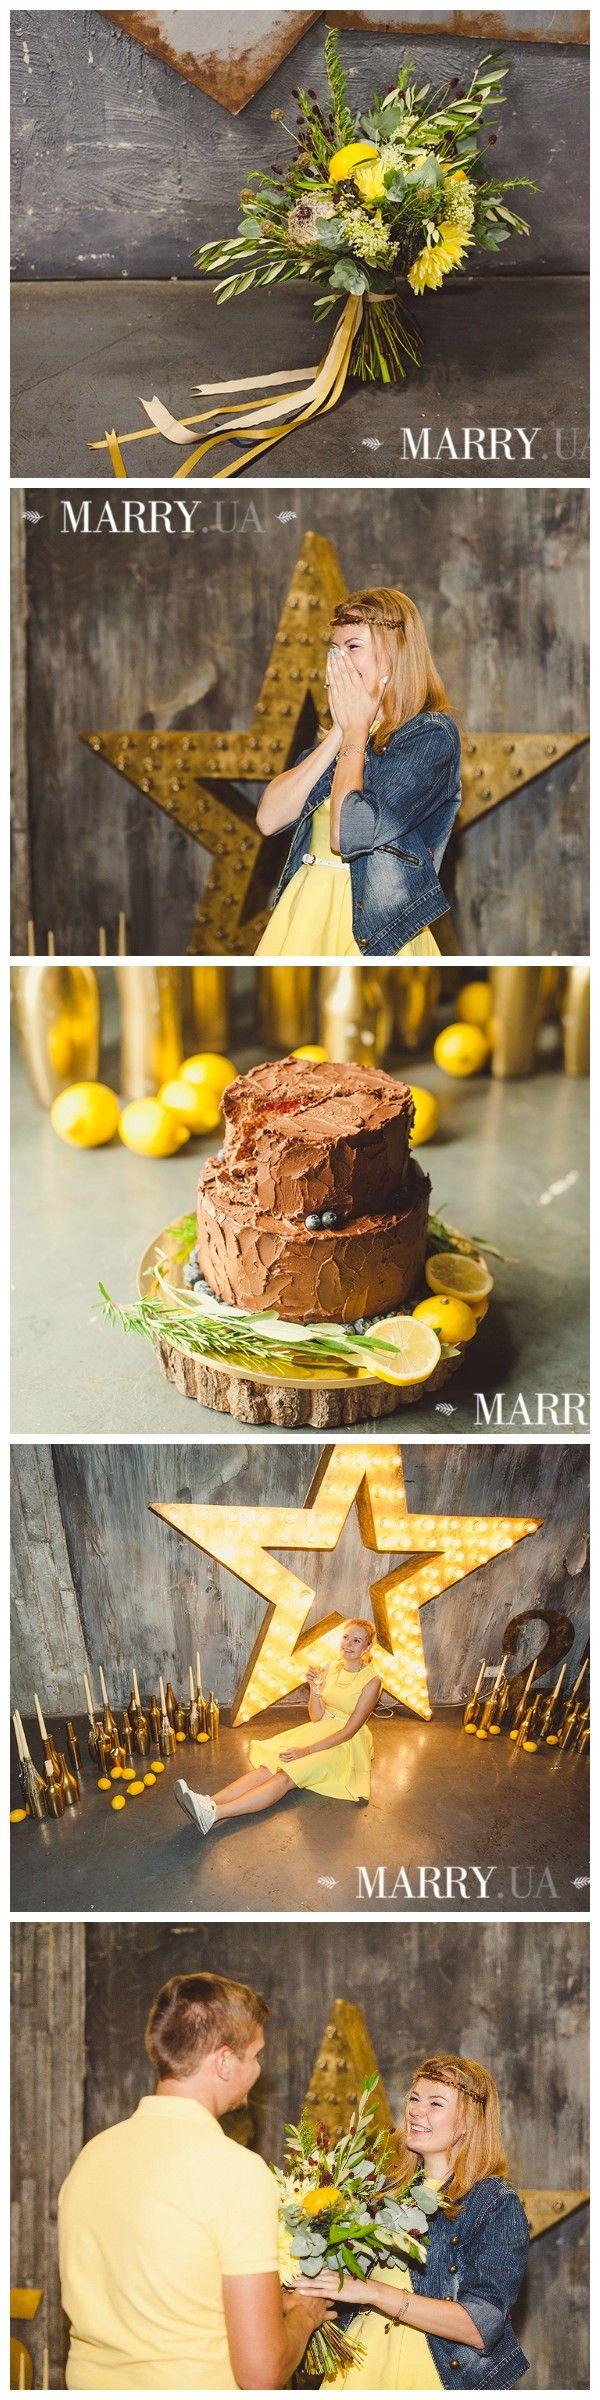 СЮРПРИЗ НА ДЕНЬ РОЖДЕНИЯ: СТИЛЬНАЯ ЛИМОННАЯ ВЕЧЕРИНКА. Yellow bday party: chocolate cake, a lot of lemons and yellow color. Great surprise for wife.